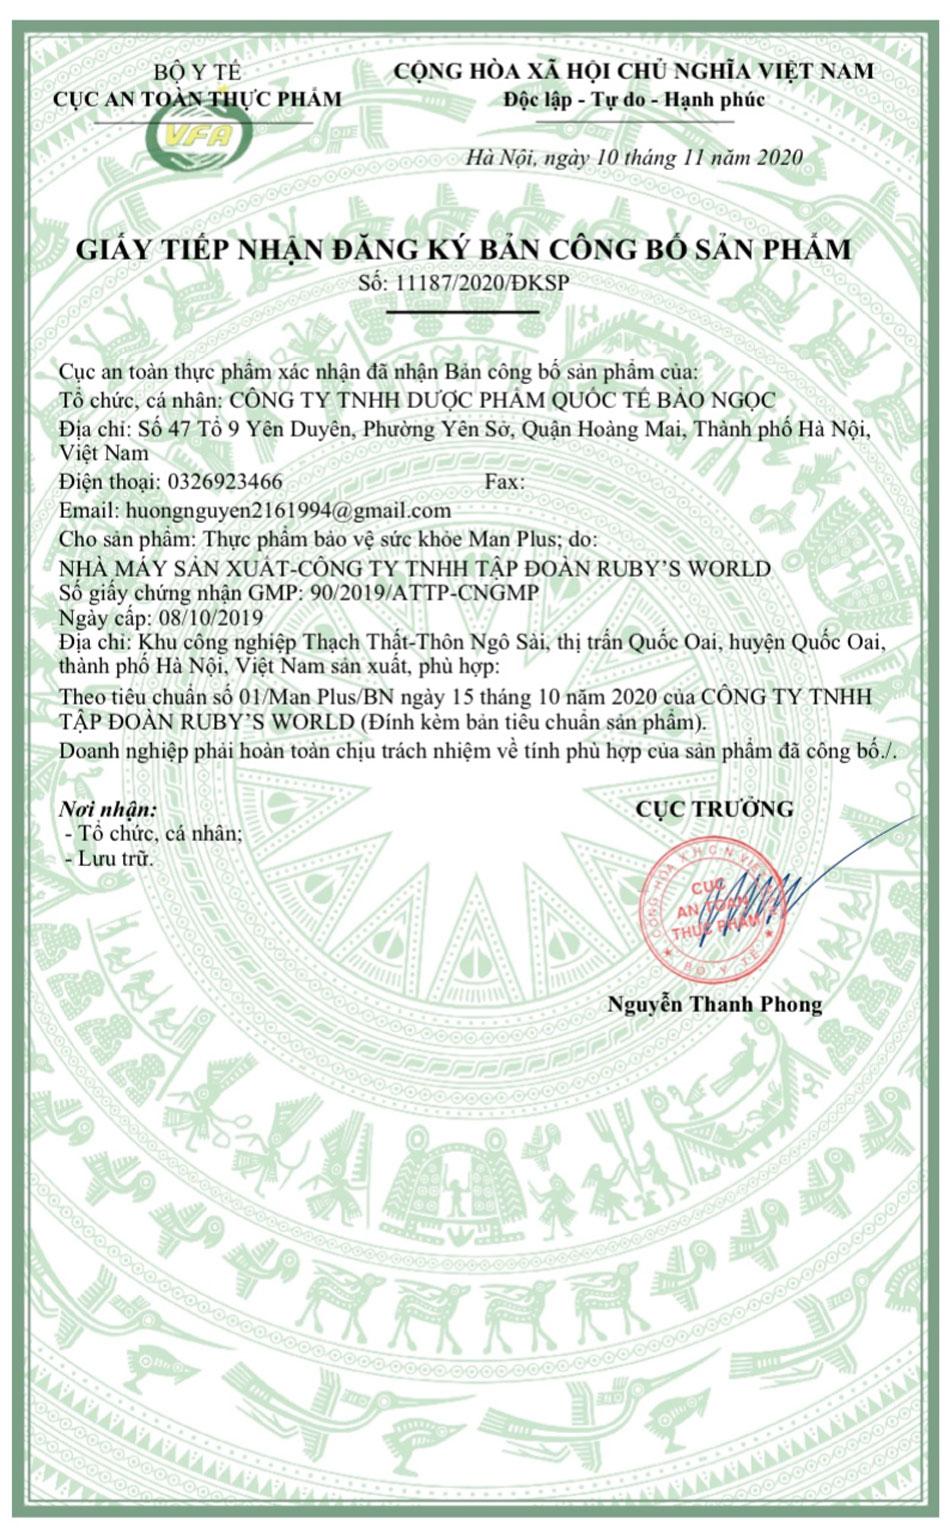 Viên uống Manplus đã được Bộ Y Tế cấp phép lưu hành